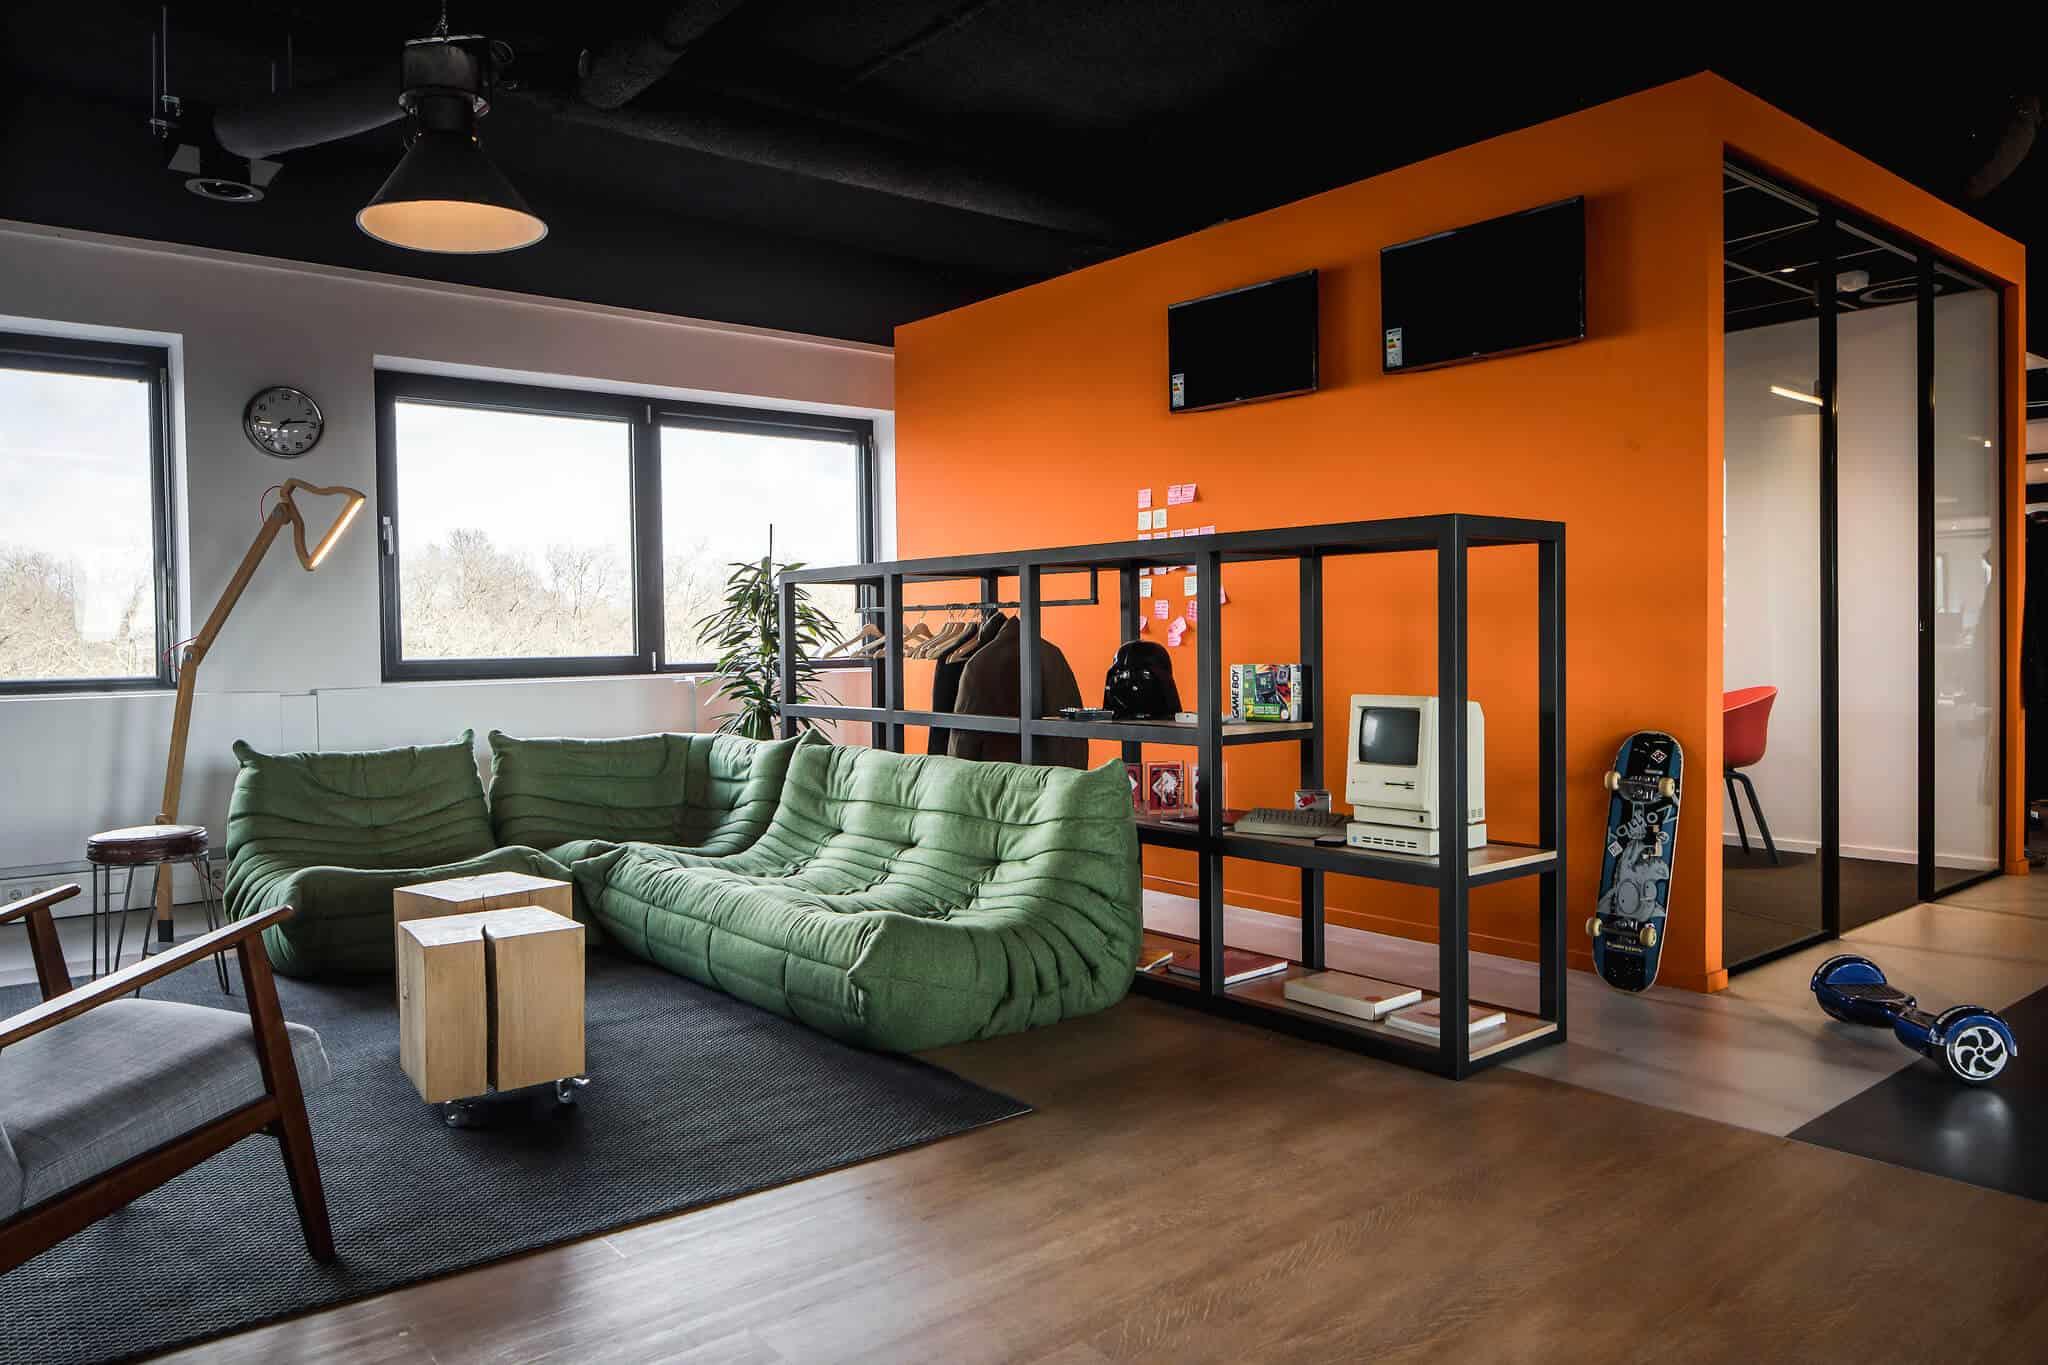 Interieurarchitect Wildenberg ontwerpt hoofdkantoor Infi kantoor met chill ruimte